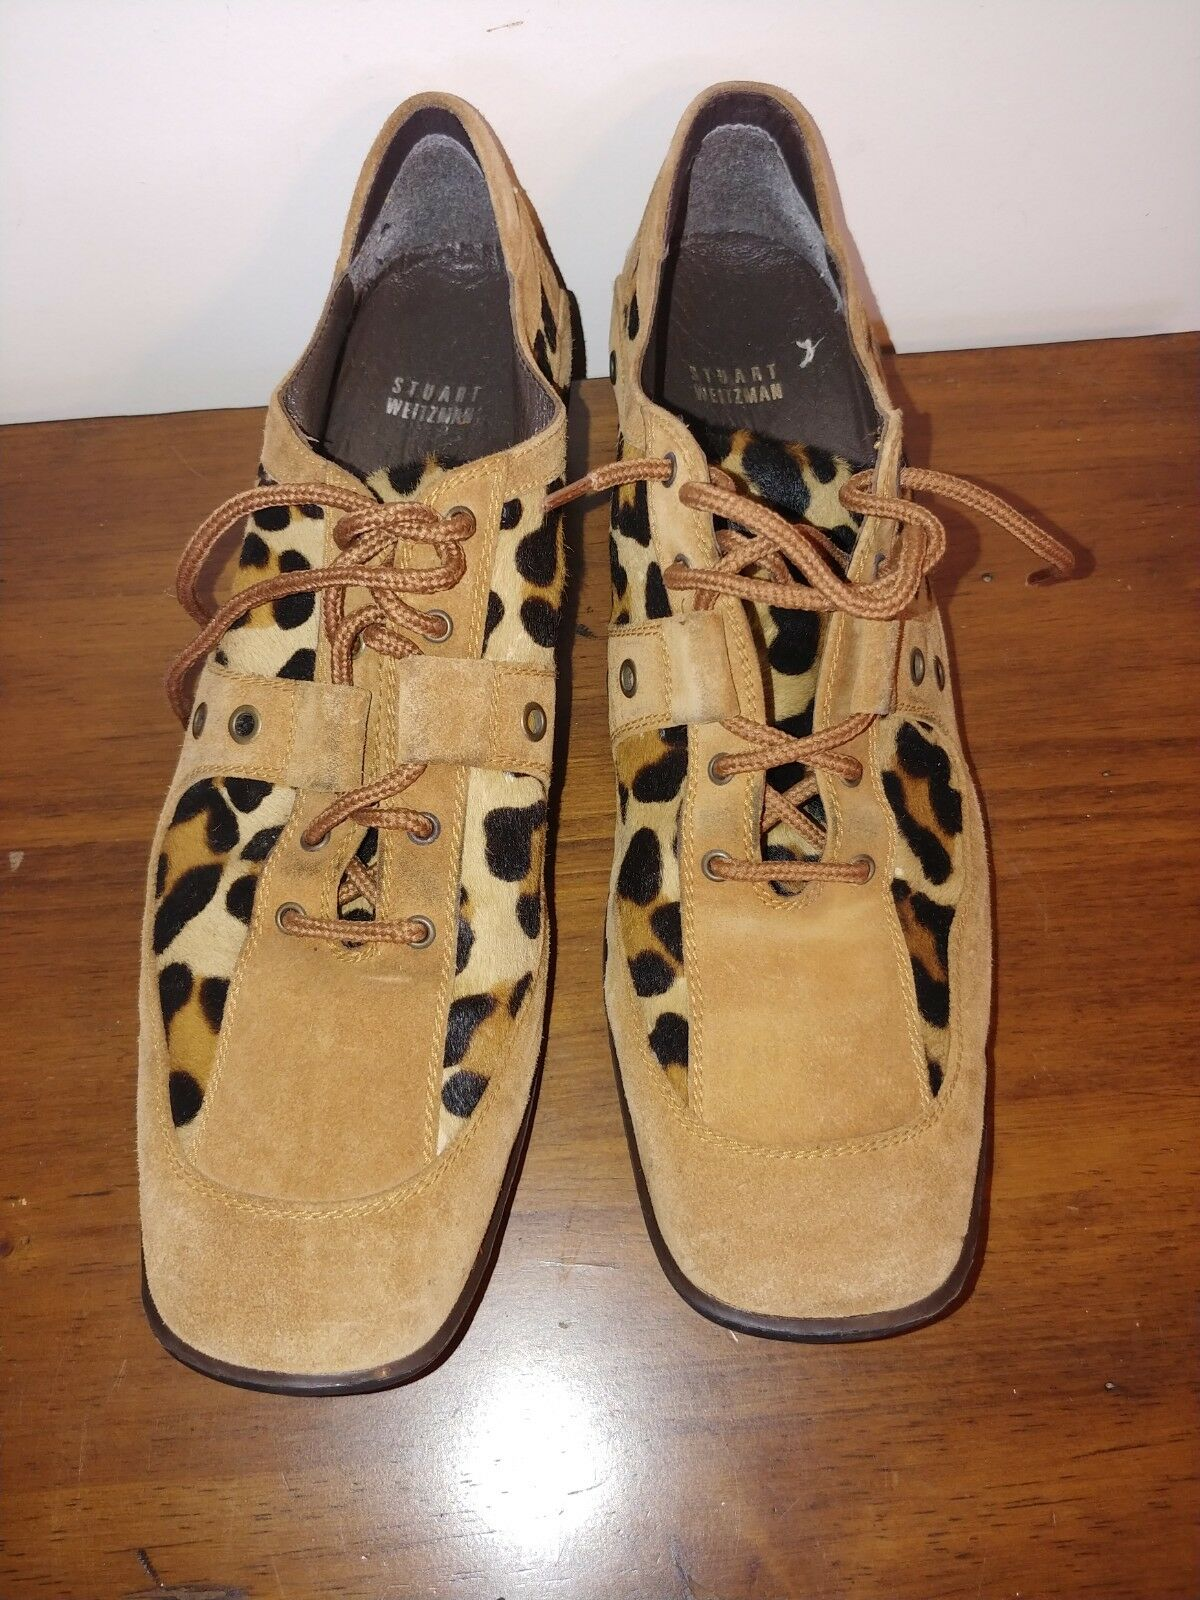 Stuart Weitzman Gamuza Estampado de Leopardo Leopardo Leopardo Pelo Real de la pantorrilla Talla 10 Y Medio  Precio por piso